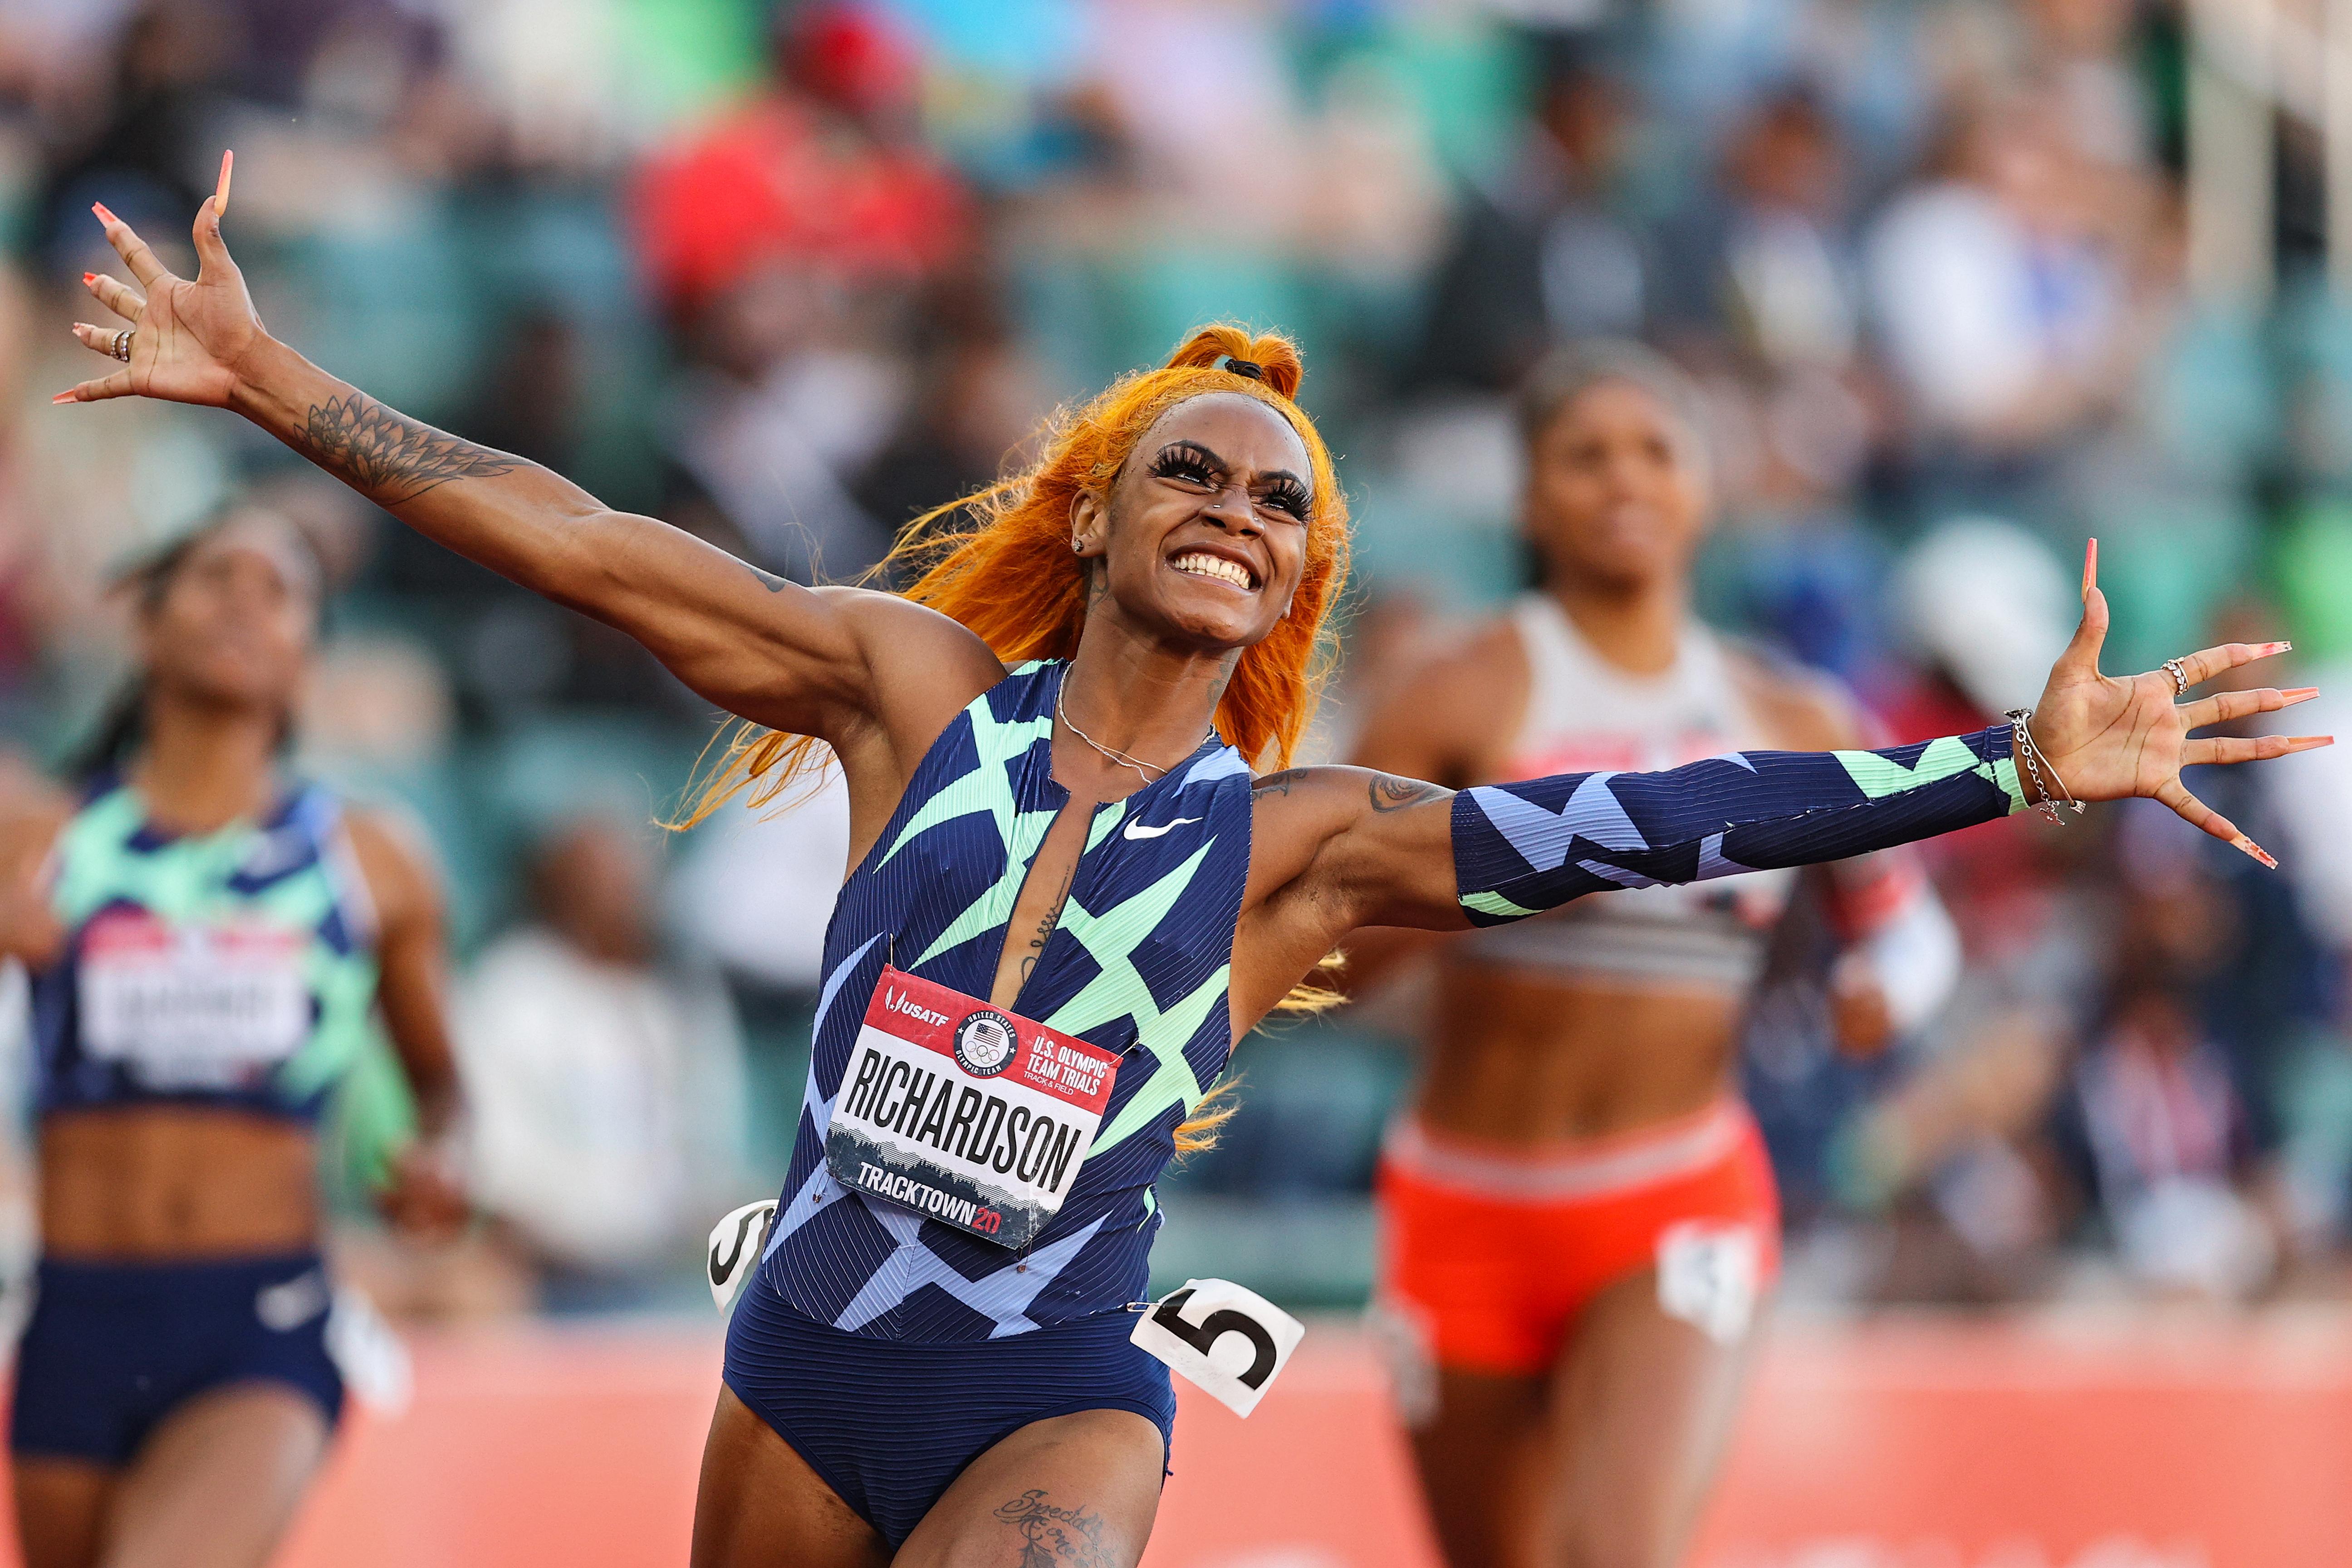 Sha'Carri Richardson: 'That Girl' Talks Hair, Family Inspo Amid Run for Olympics